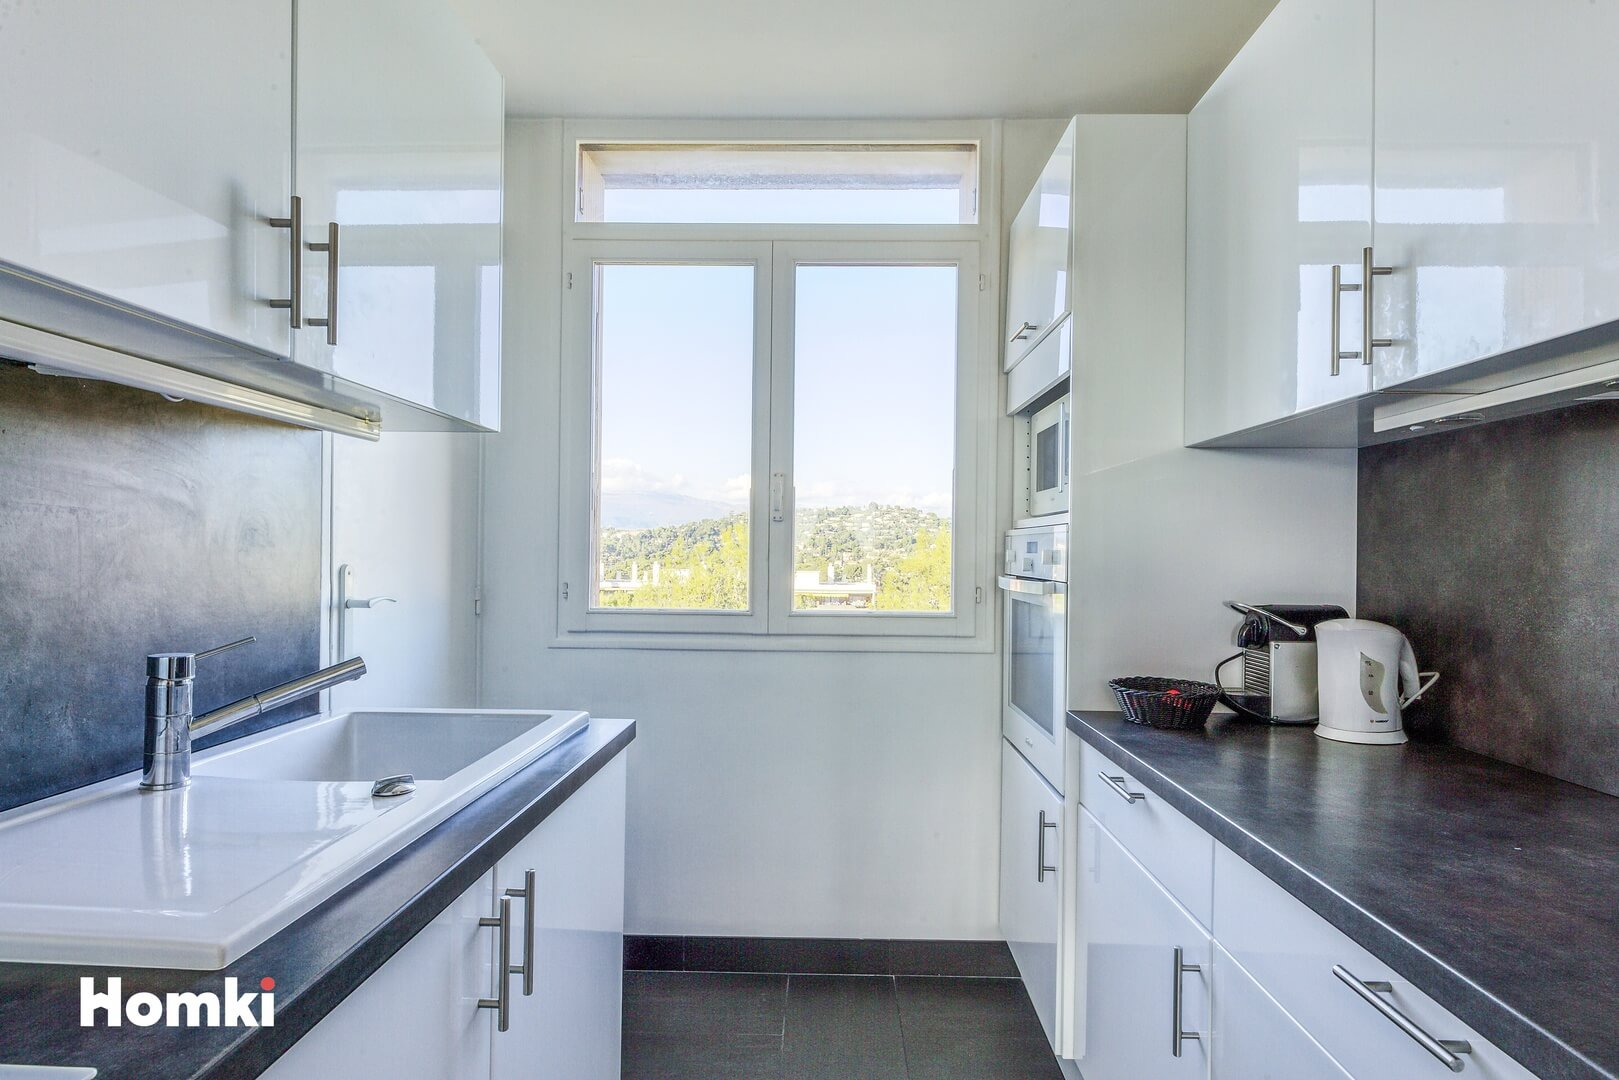 Homki - Vente Appartement  de 56.0 m² à Le Cannet 06110